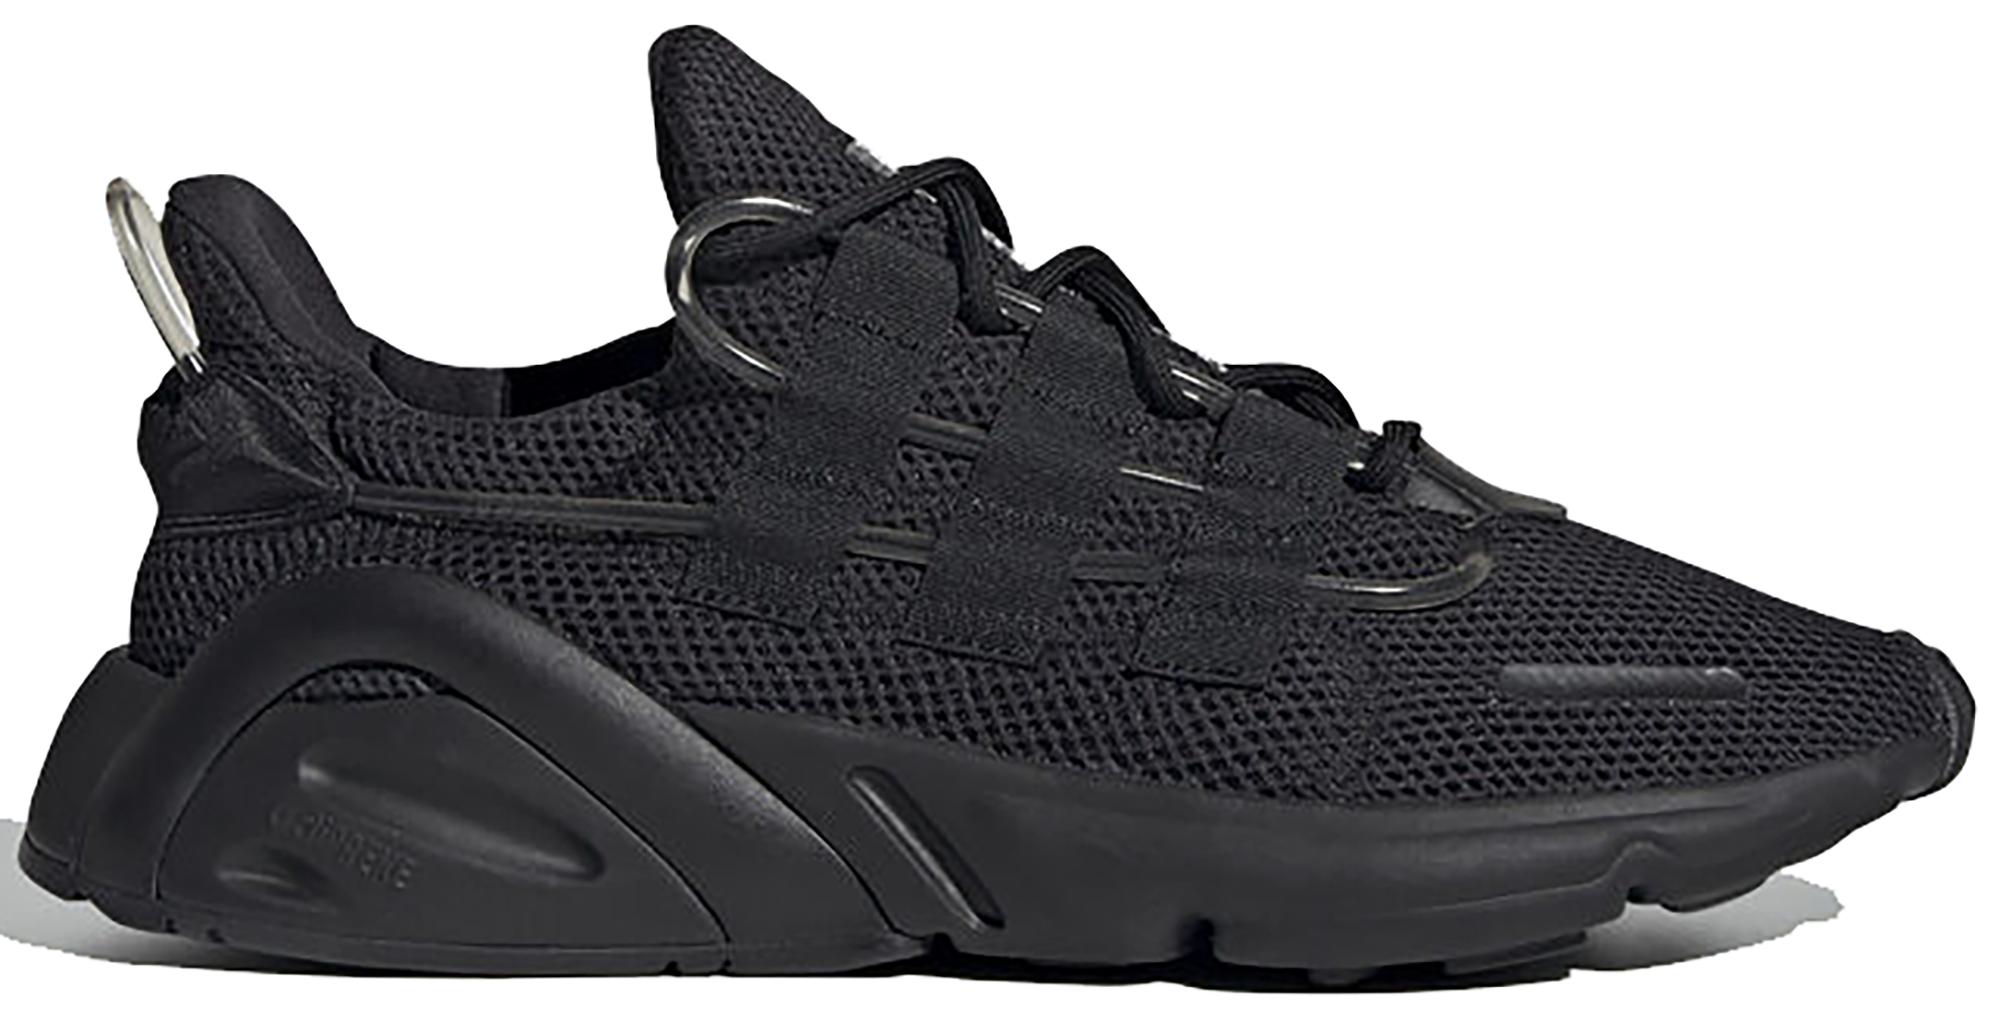 adidas originals lxcon adiprene trainers in triple black